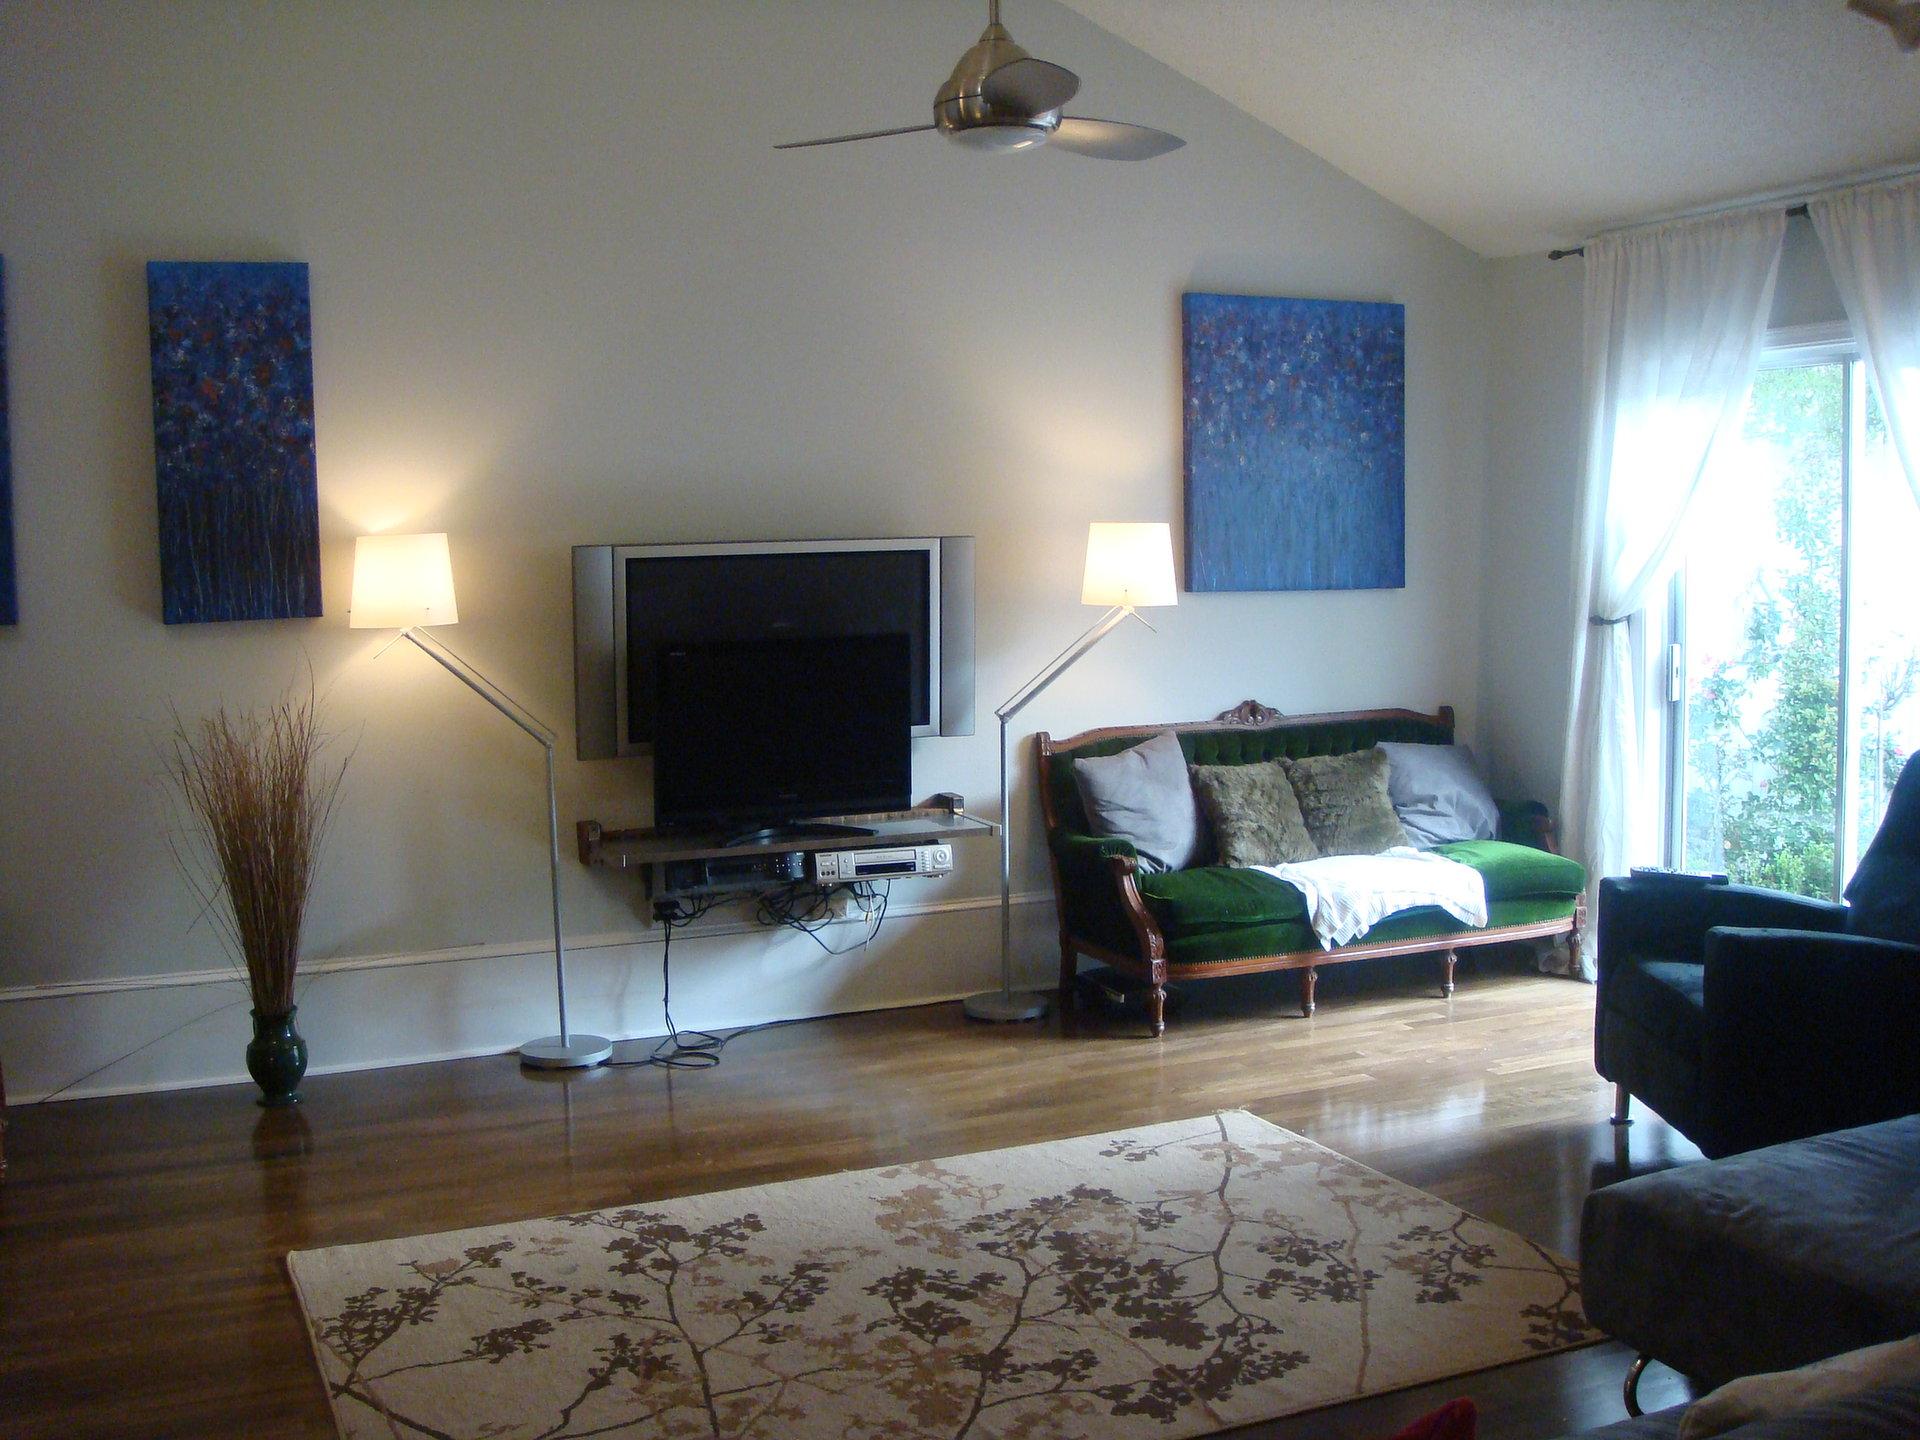 311+Calhoun+living+room+2